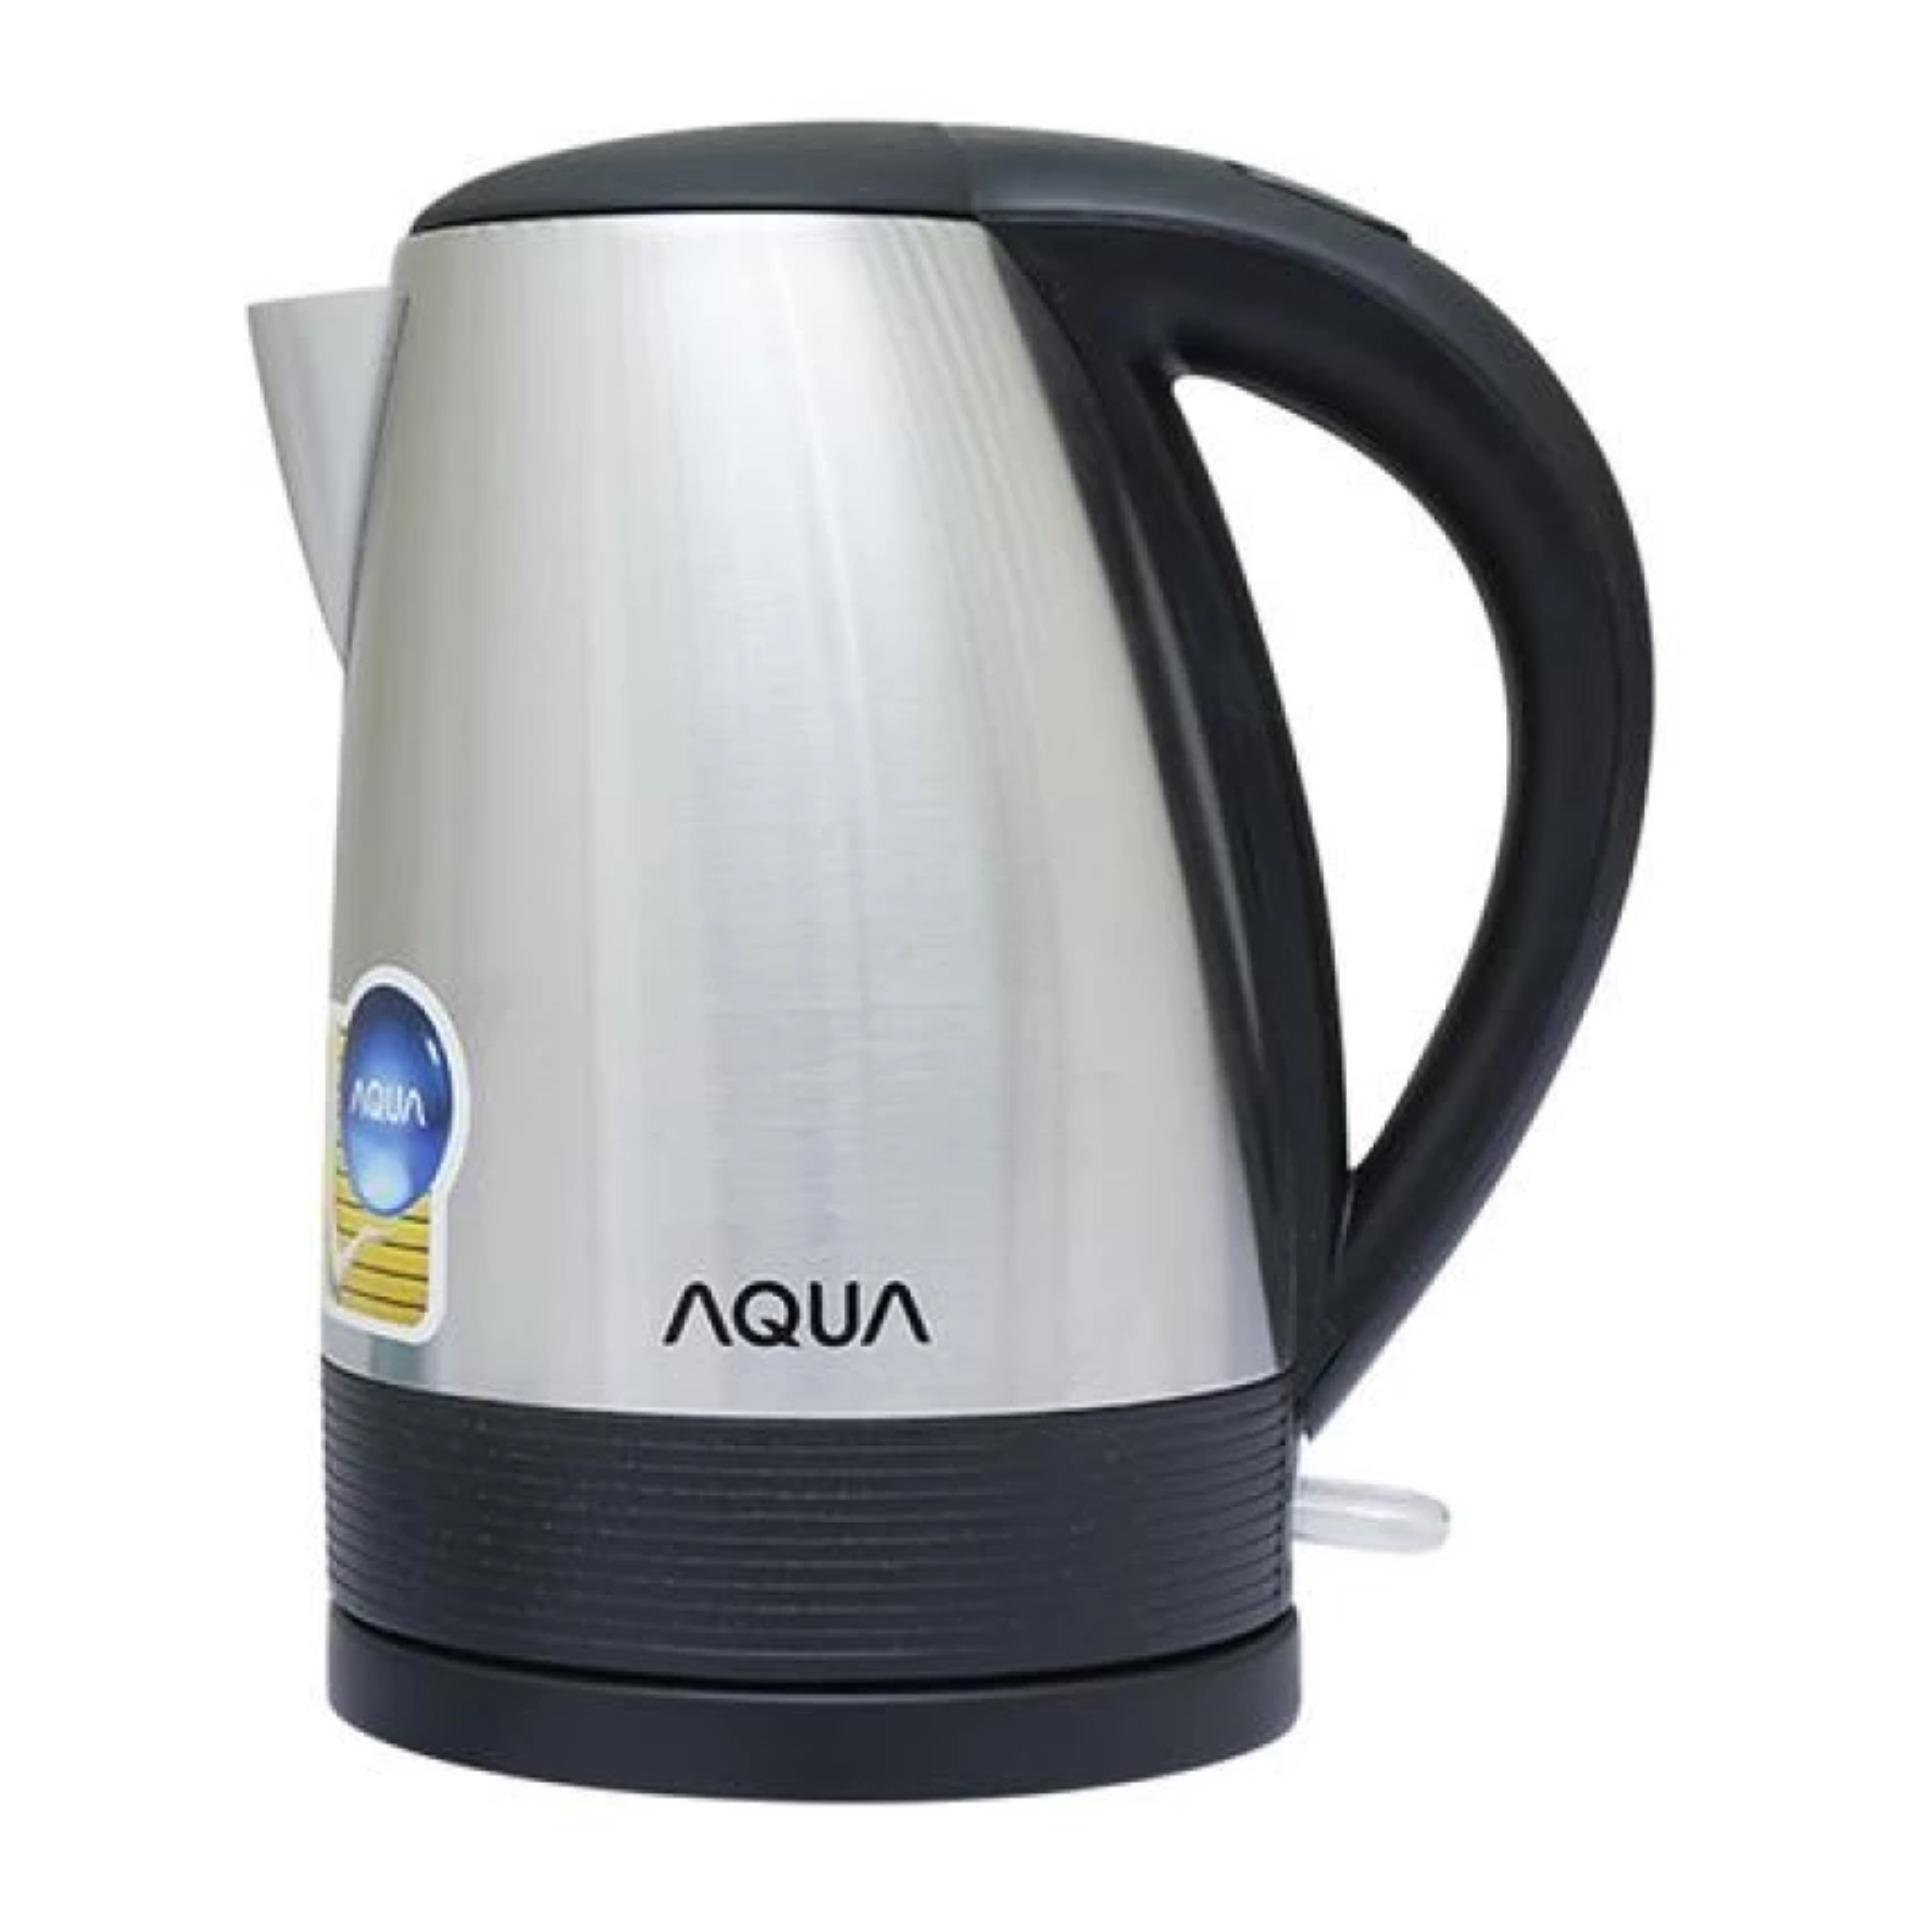 Bình đun Aqua AJK-F765